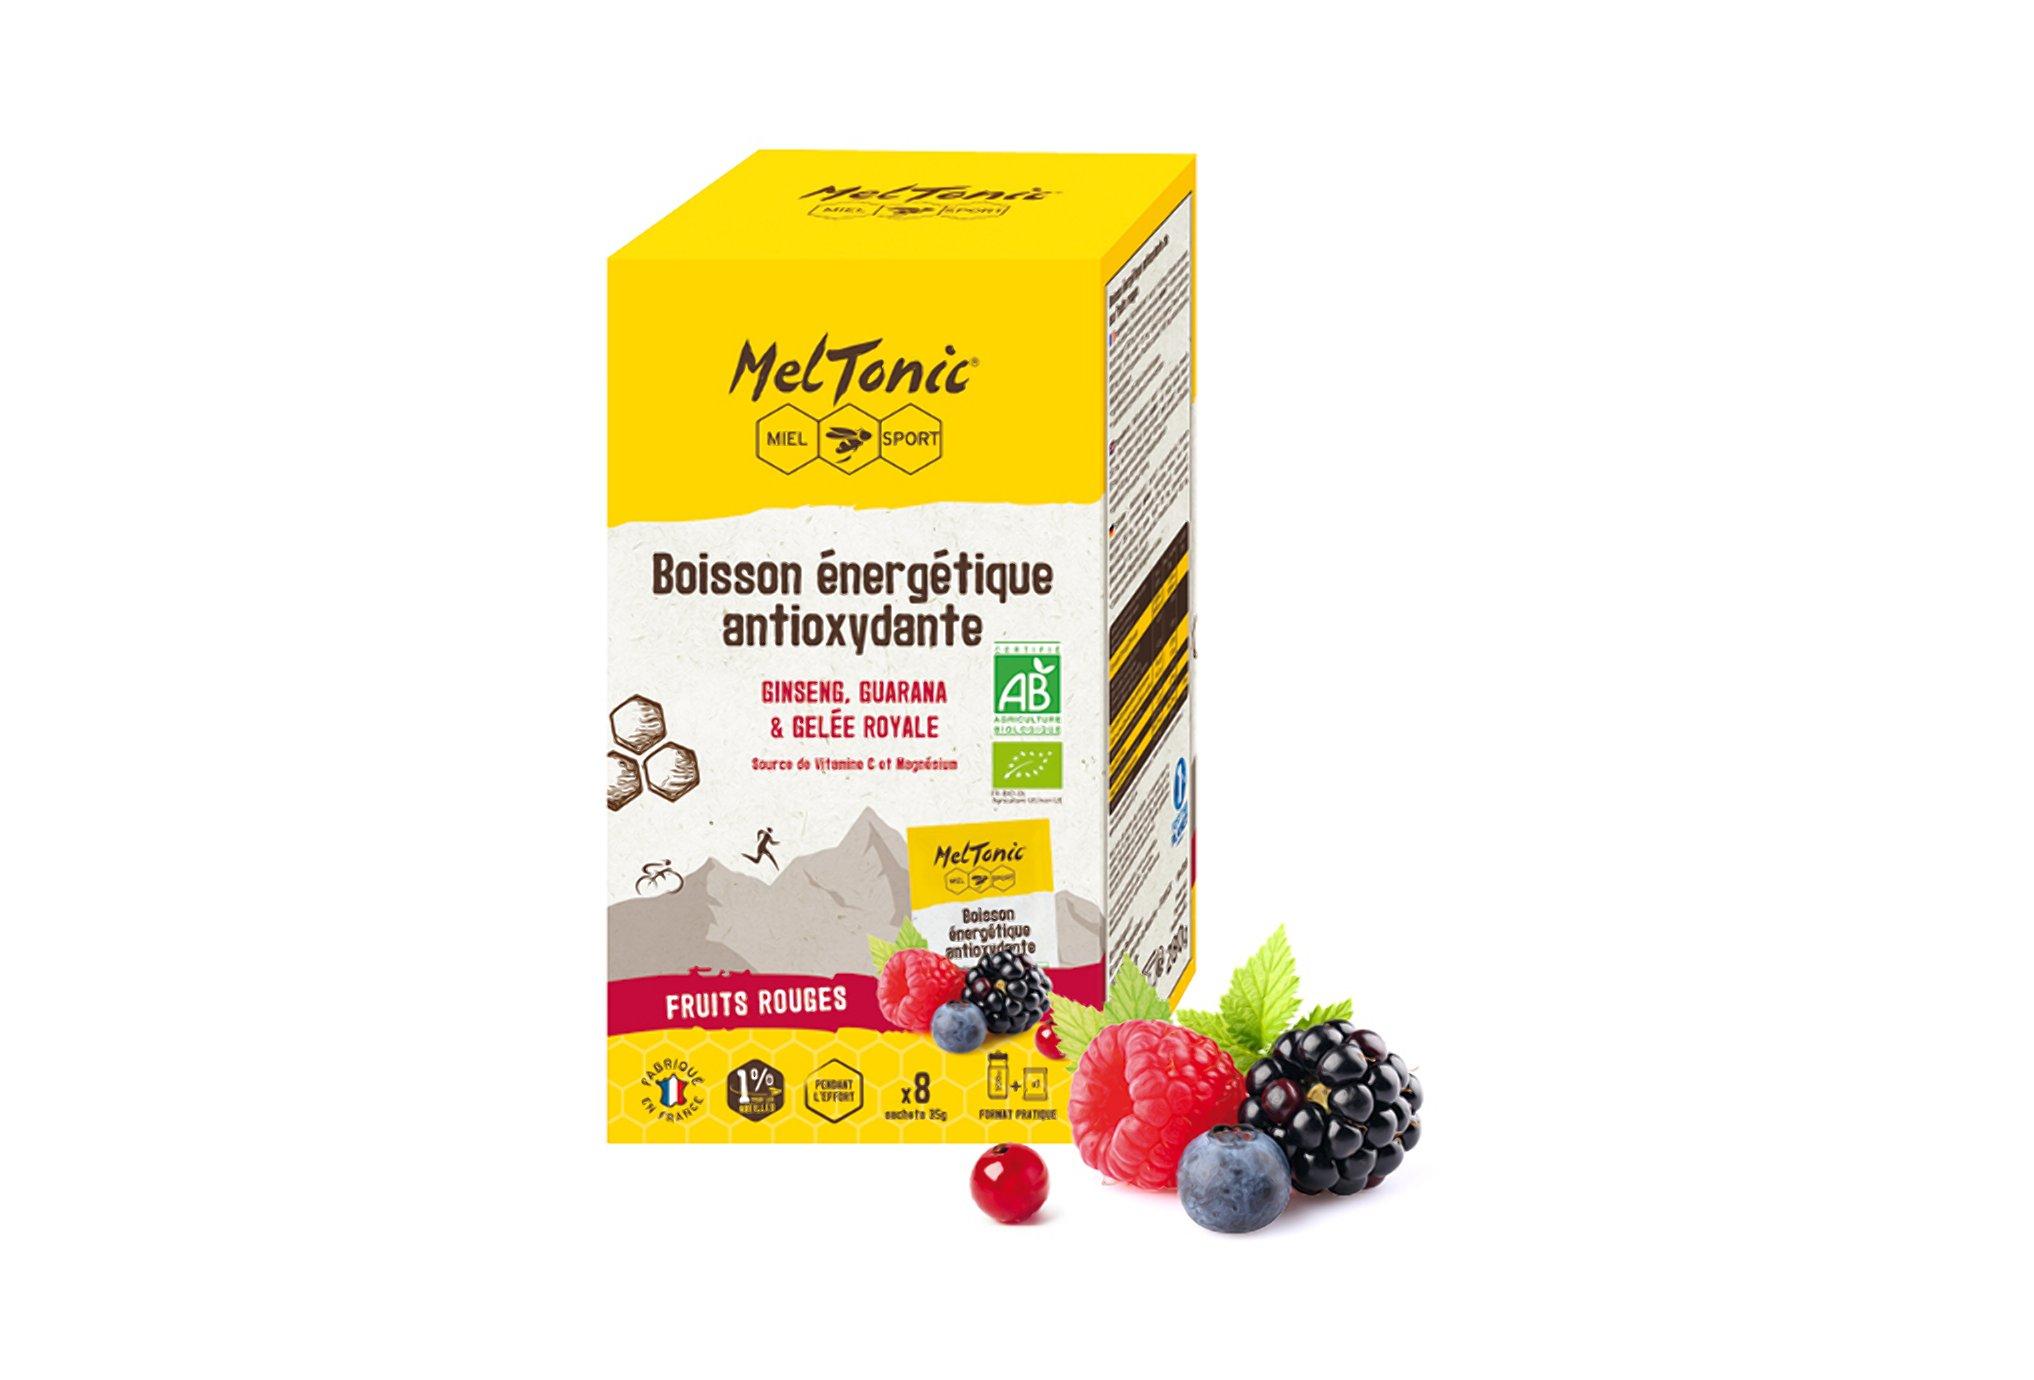 MelTonic Étui 8 sachets Boisson Énergétique Antioxydante Bio - Fruits rouges Diététique Boissons